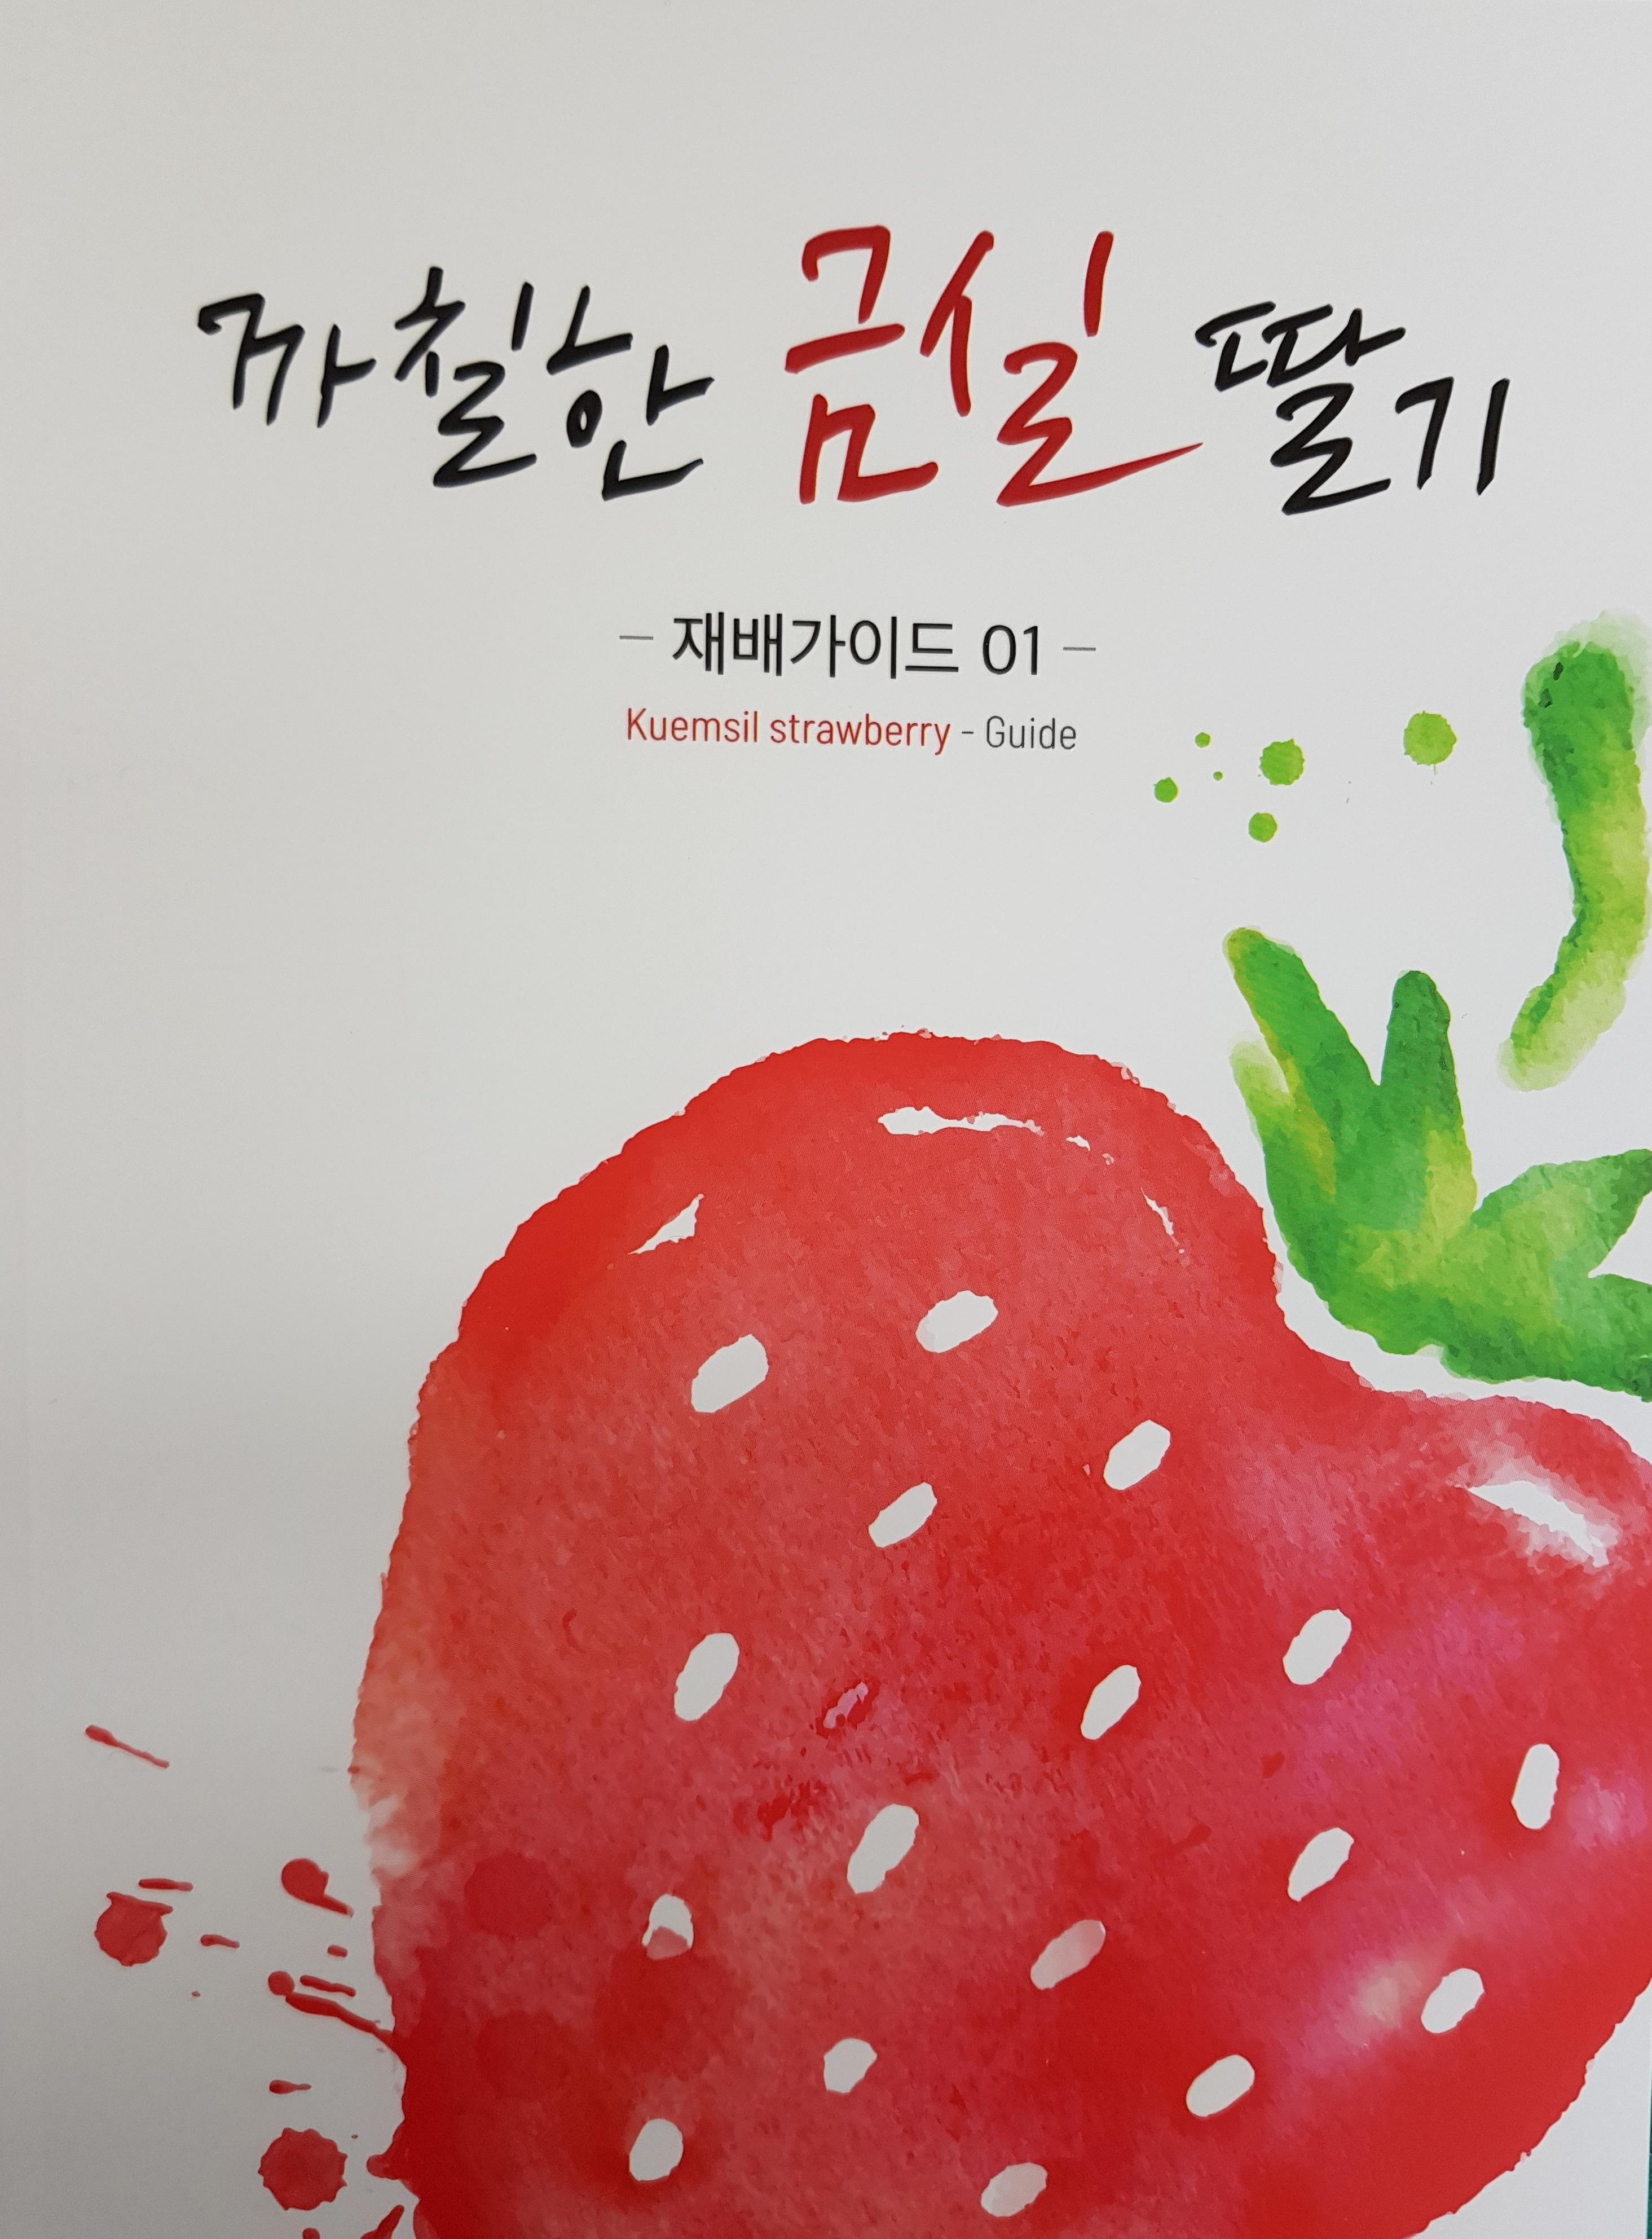 우리道 육성 '금실' 딸기 재배매뉴얼 발간